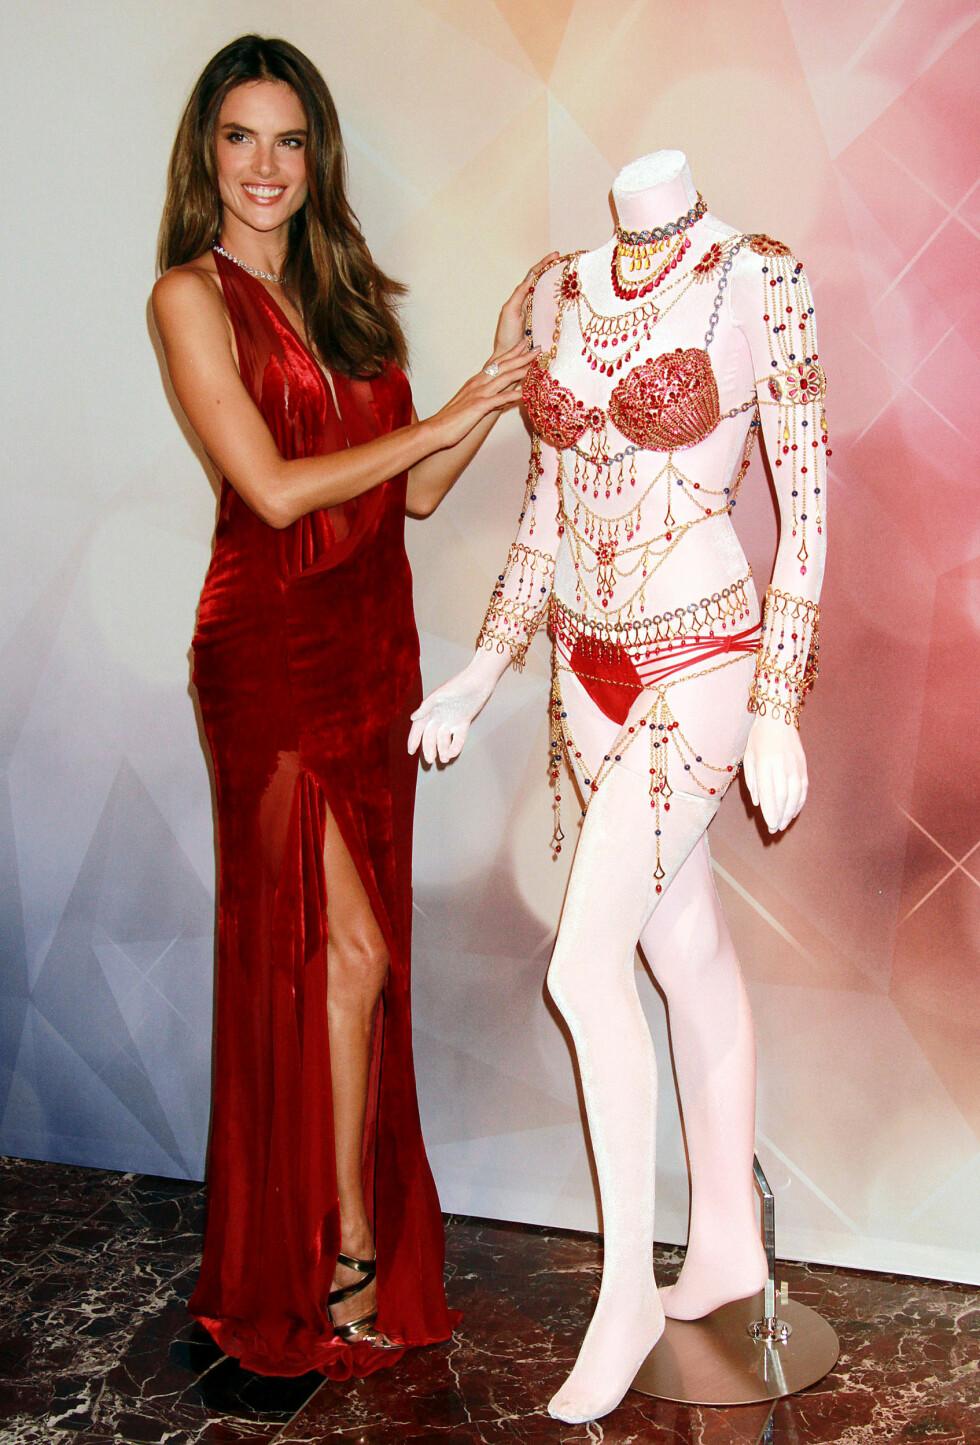 ÅRETS FANTASY BRA FRA VICTORIA'S SECRET: Og den koster flere titalls millioner, som vanlig - her viser supermodell Alessandra Ambrosio den fram noen uker før det årlige showet sparkes i gang. Foto: REX/Broadimage/All Over Press